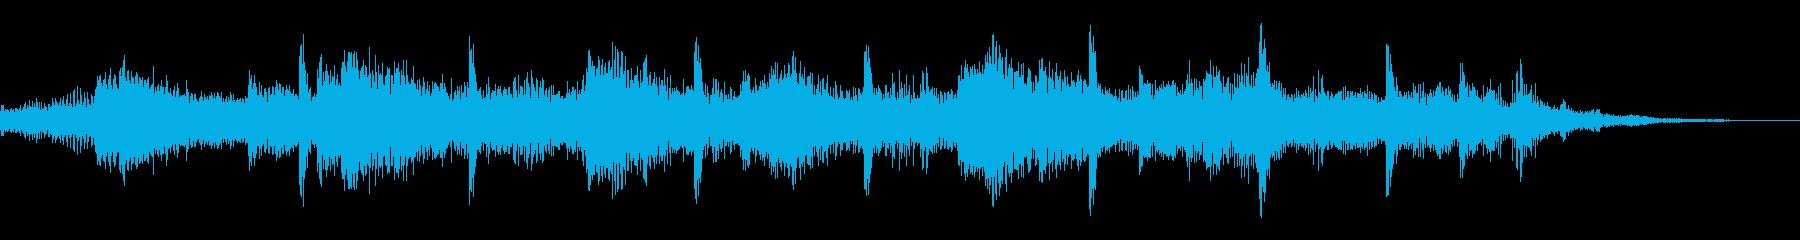 サウンドロゴ【海】潮風砂浜(効果音なし)の再生済みの波形